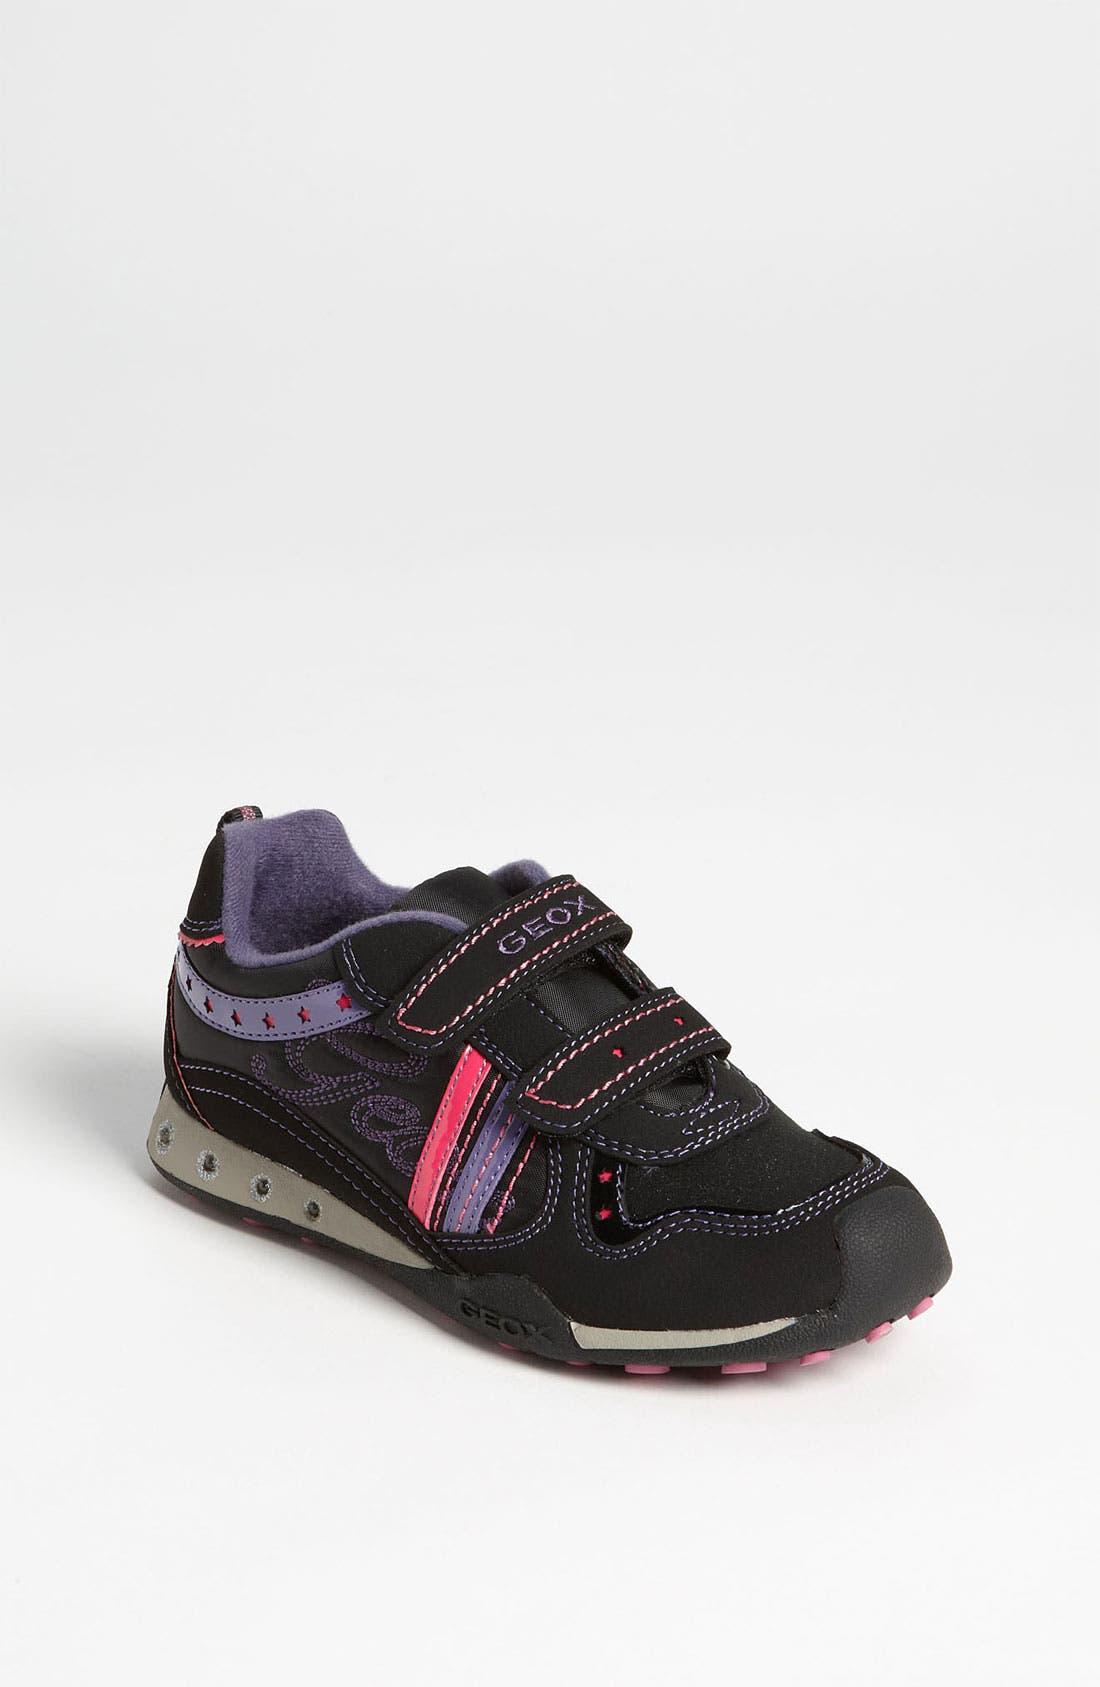 Alternate Image 1 Selected - Geox 'Jocker Girl' Sneaker (Toddler & Little Kid)